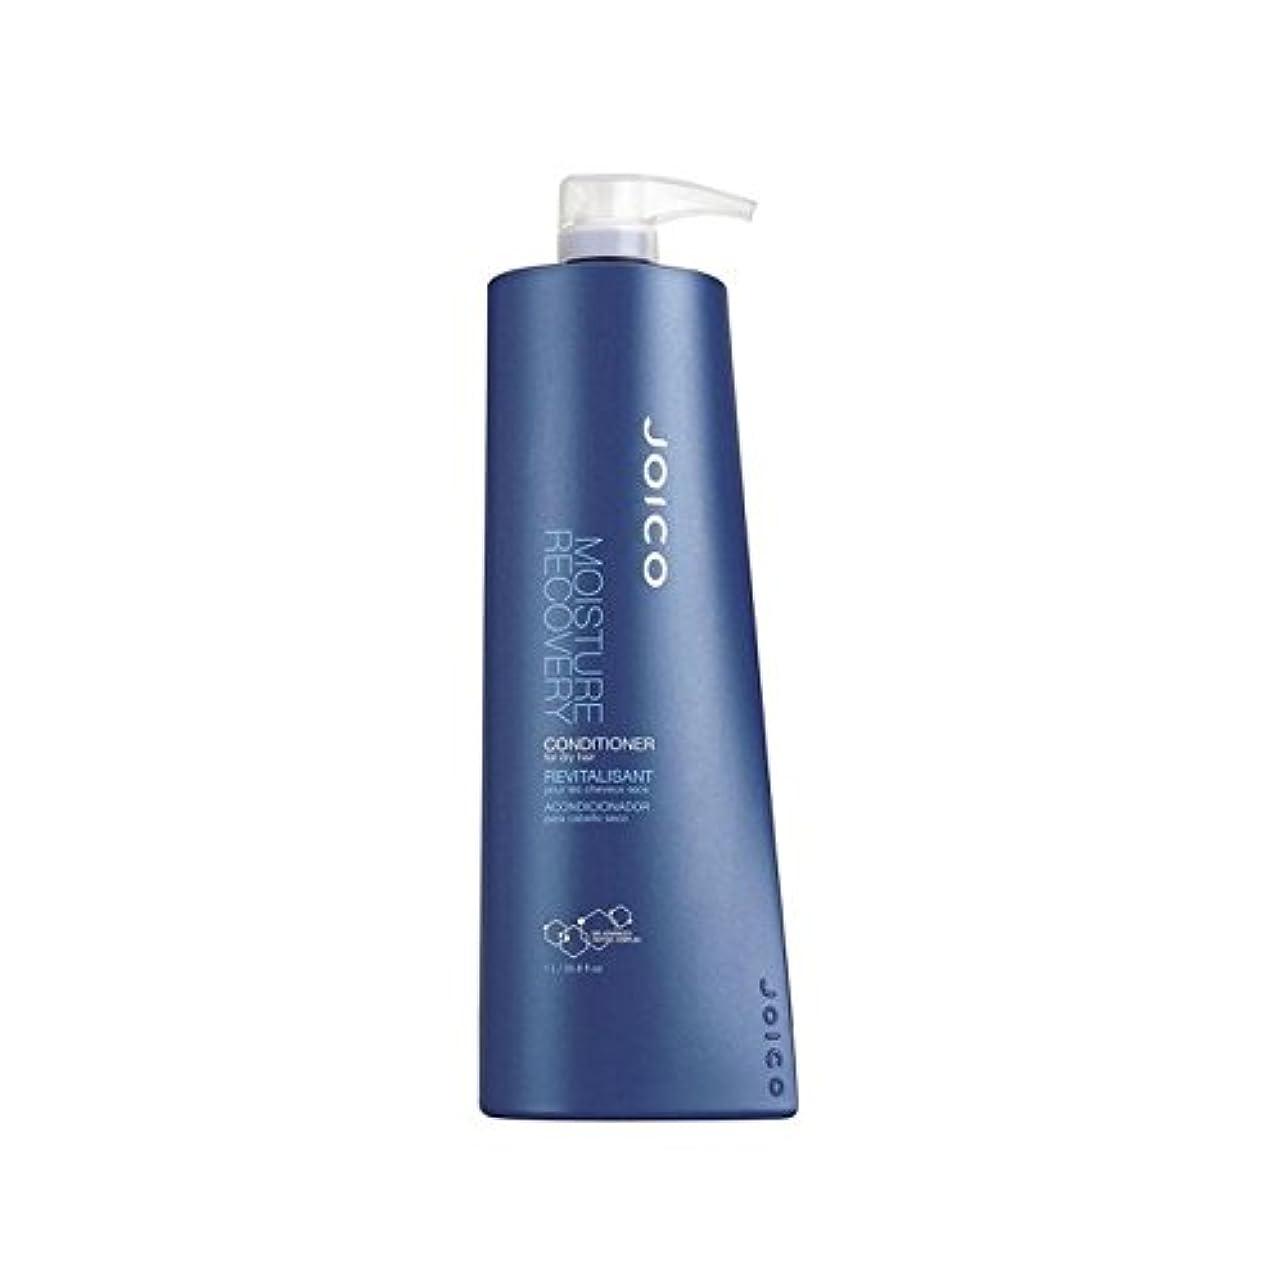 状況電気陽性南Joico Moisture Recovery Conditioner For Dry Hair (1000ml) (Pack of 6) - 乾いた髪用ジョイコ水分回復コンディショナー(千ミリリットル) x6 [並行輸入品]